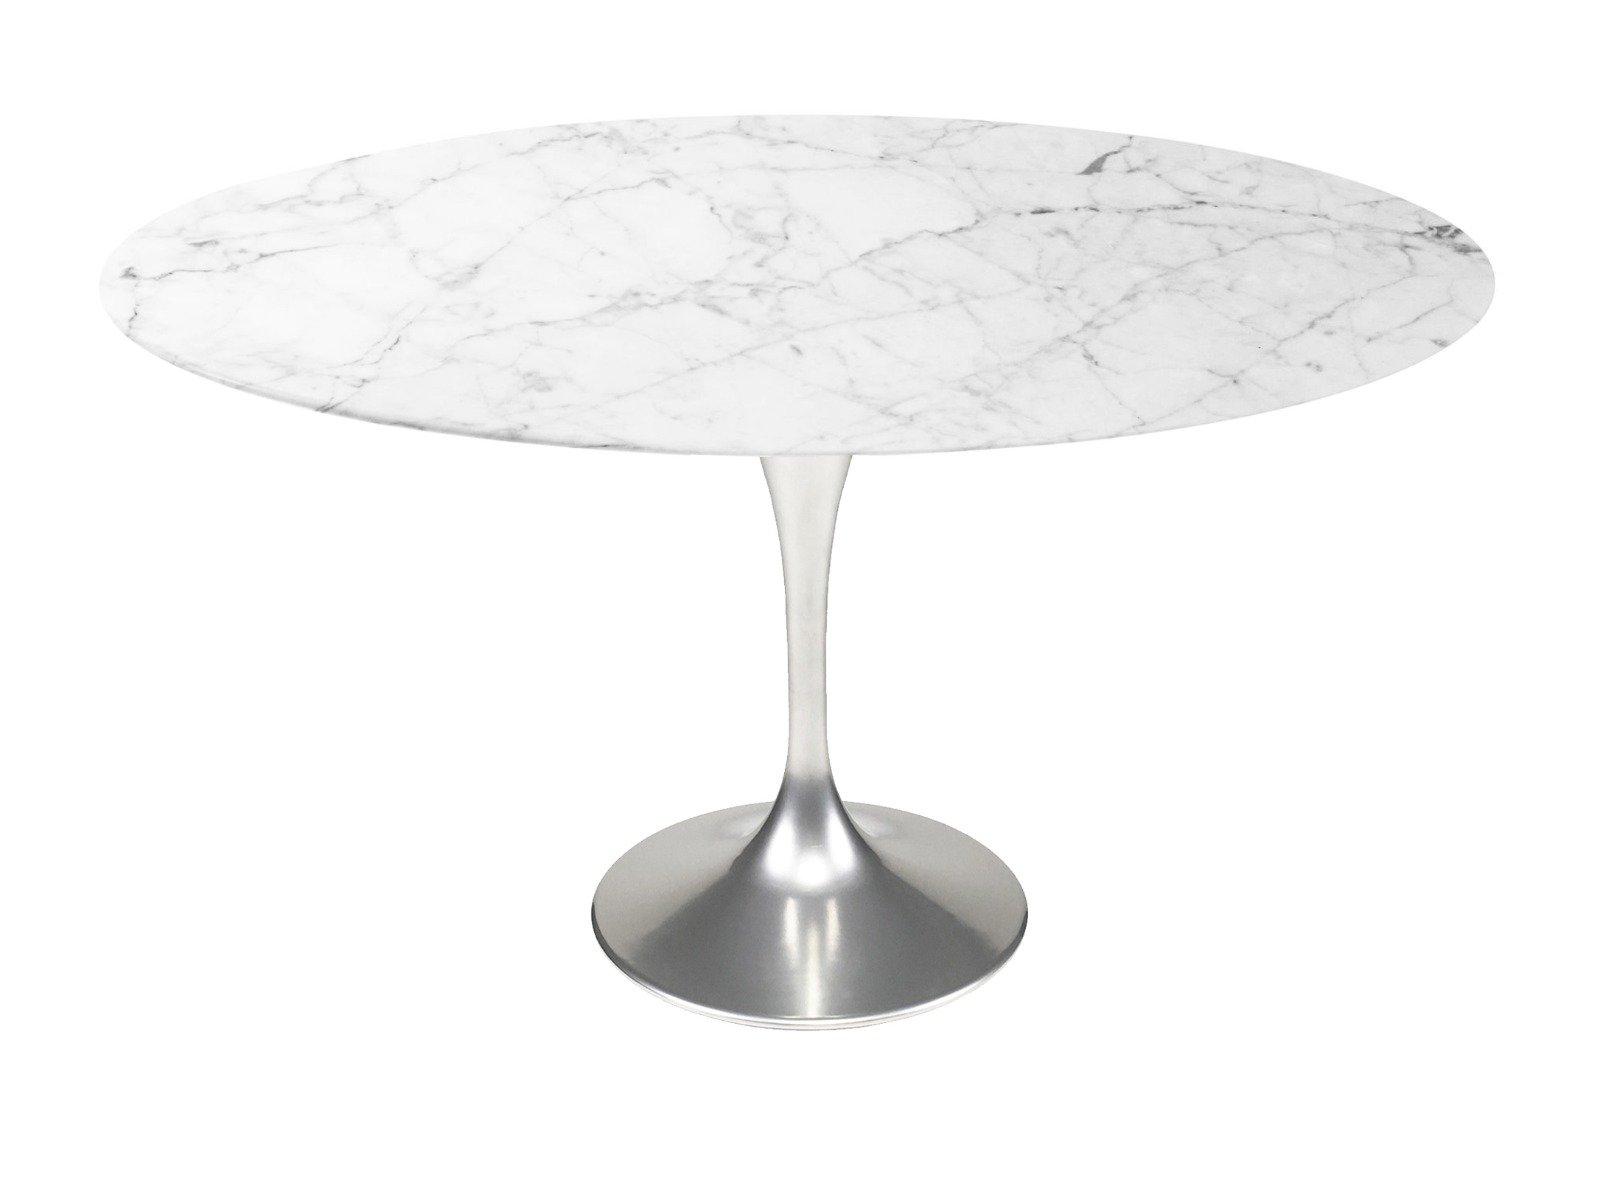 Saarinen 54 Round Marble Tulip Dining Table Eero Saarinen Njmodern Furniture